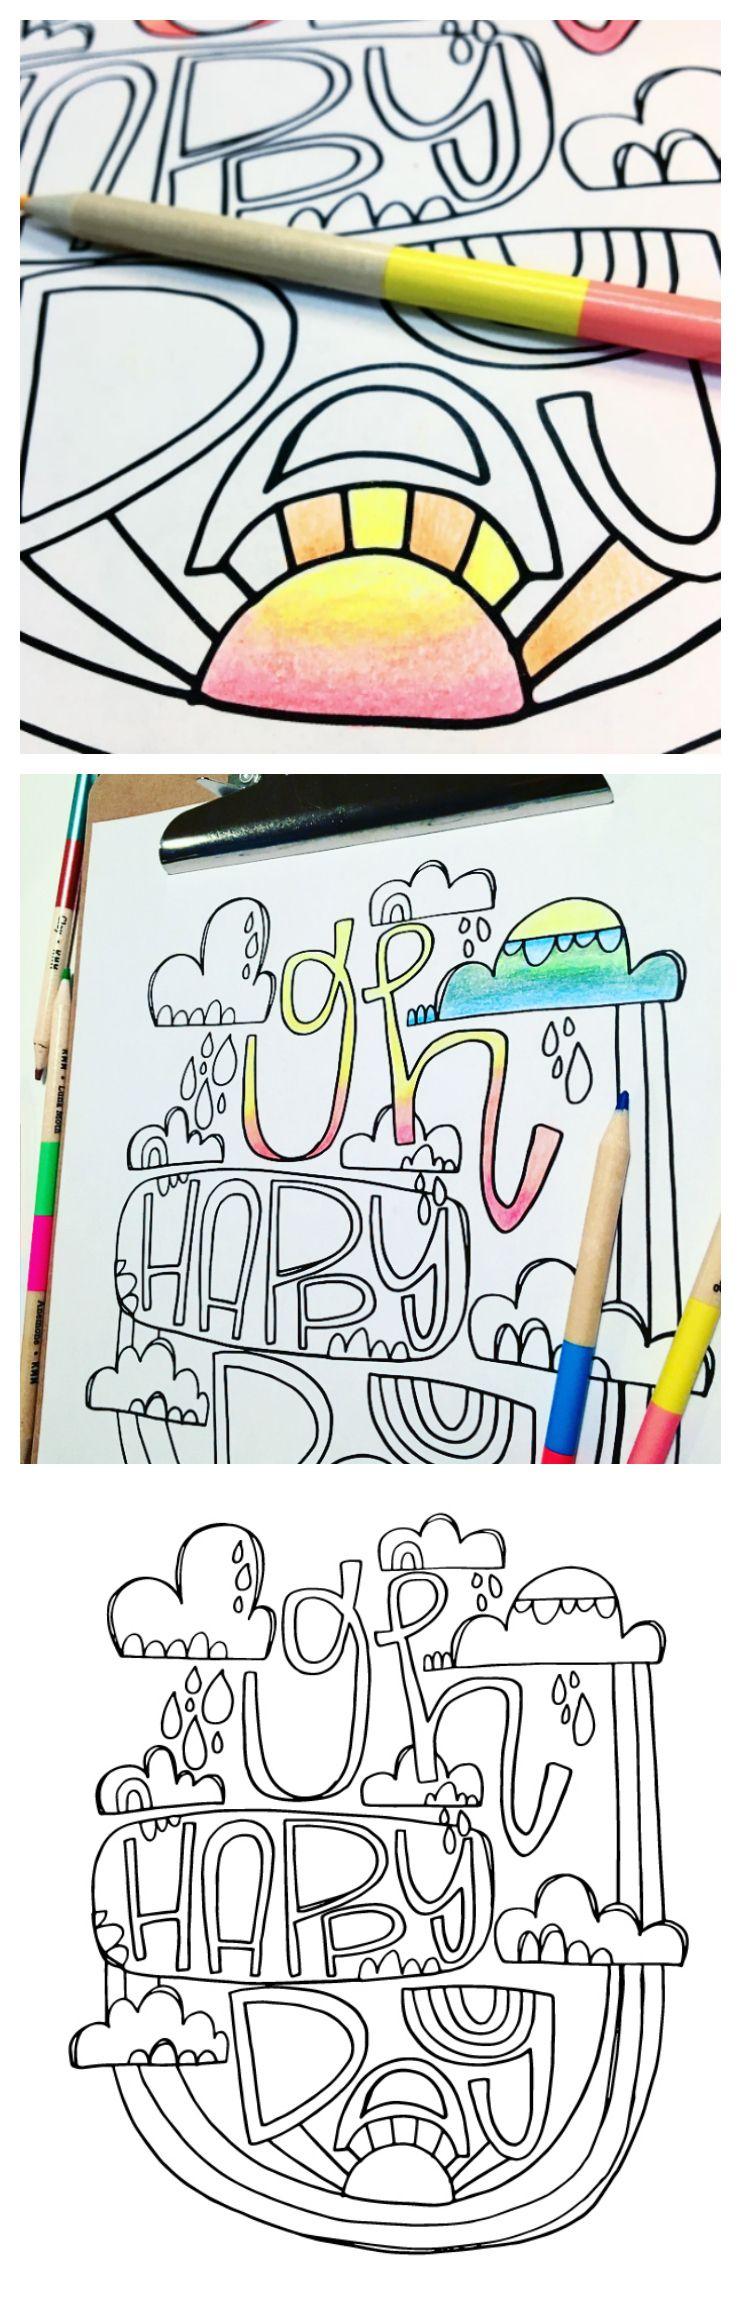 Free Coloring Page - Oh Happy Day | Ilustraciones